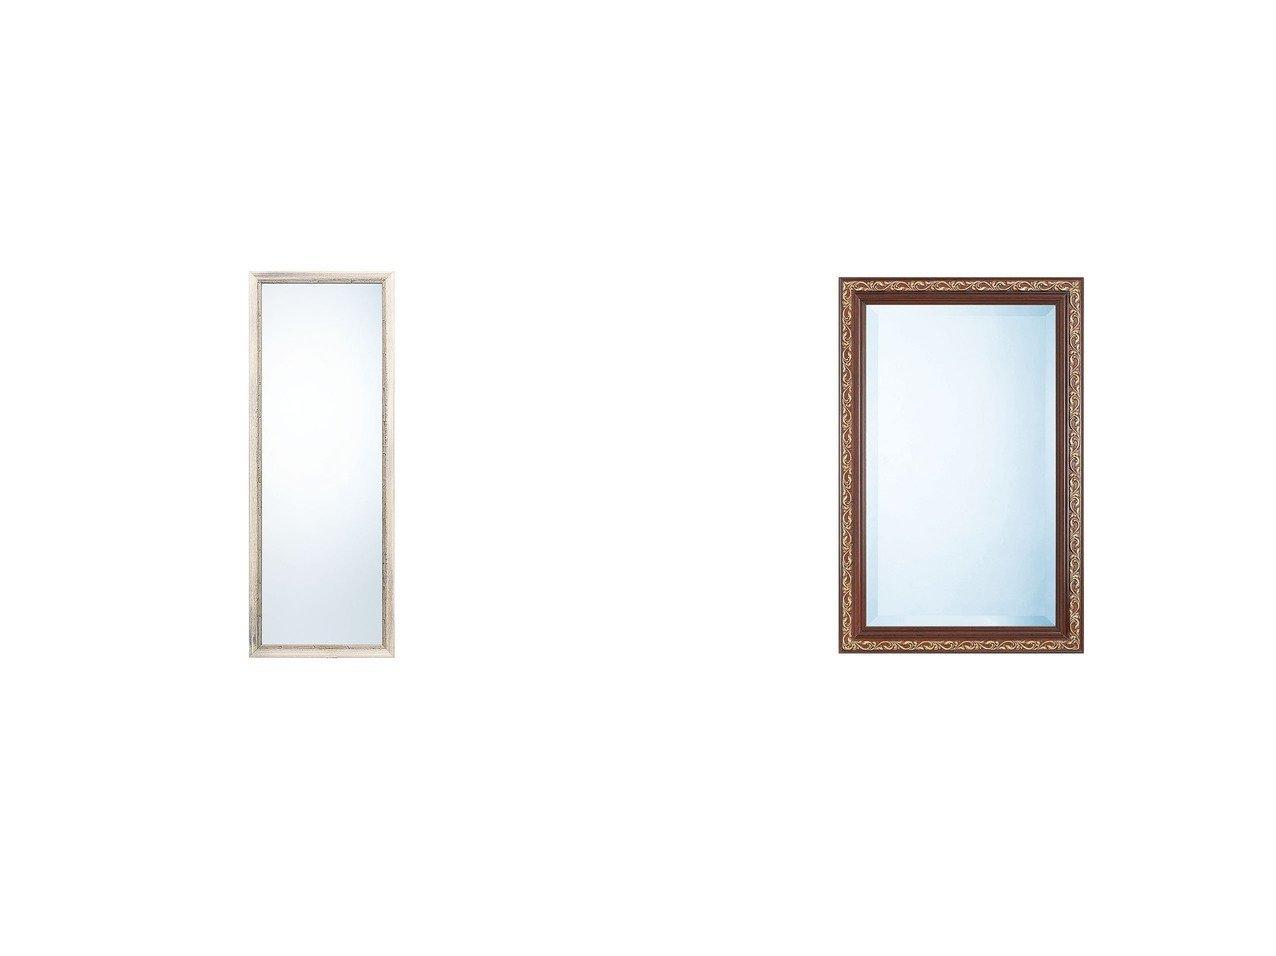 【FLYMEe Blanc/フライミー ブラン】のウォールミラー m77352&ウォールミラー m77340 【ミラー・鏡 お家時間 FURNITURE】おすすめ!人気、インテリア雑貨・家具の通販 おすすめで人気の流行・トレンド、ファッションの通販商品 インテリア・家具・メンズファッション・キッズファッション・レディースファッション・服の通販 founy(ファニー) https://founy.com/ 送料無料 Free Shipping アンティーク シルバー シンプル スタンド フレーム ホーム・キャンプ・アウトドア Home,Garden,Outdoor,Camping Gear 家具・インテリア Furniture ミラー・ドレッサー Mirror ミラー・鏡 ホーム・キャンプ・アウトドア Home,Garden,Outdoor,Camping Gear 家具・インテリア Furniture ミラー・ドレッサー Mirror ドレッサー  ID:crp329100000054460